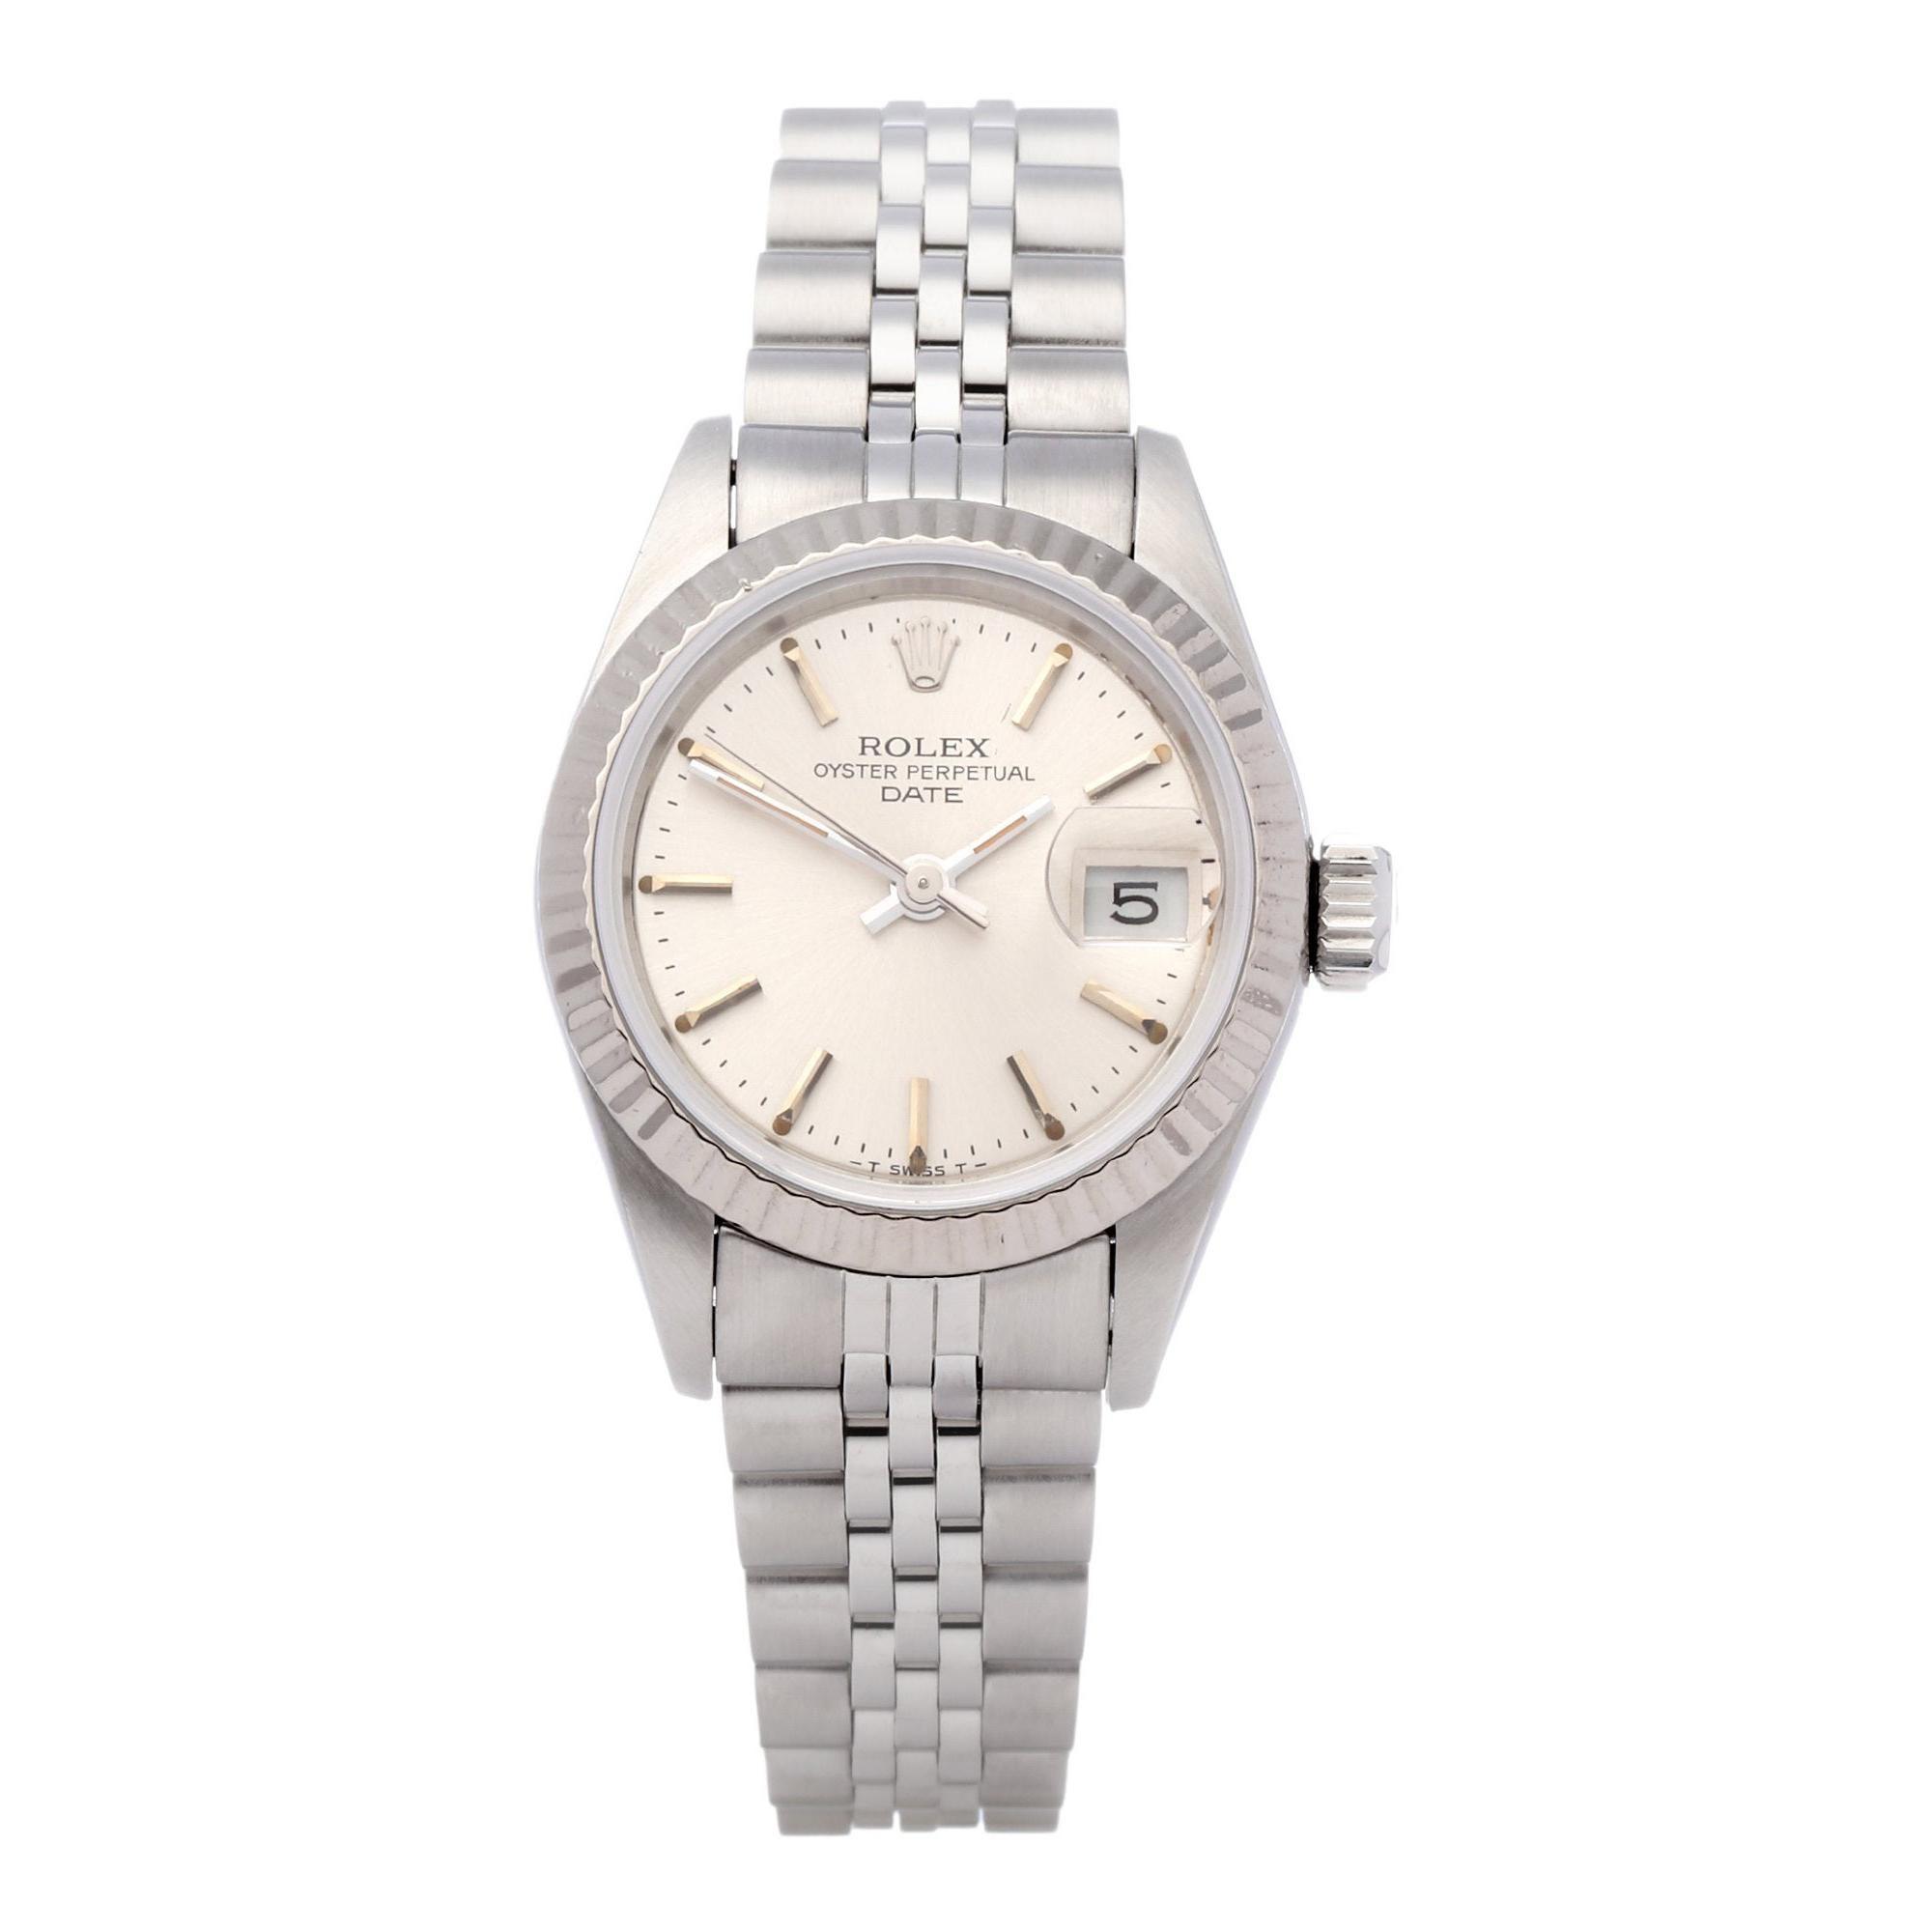 Rolex Datejust 26 69174 Ladies White Gold & Stainless Steel Watch